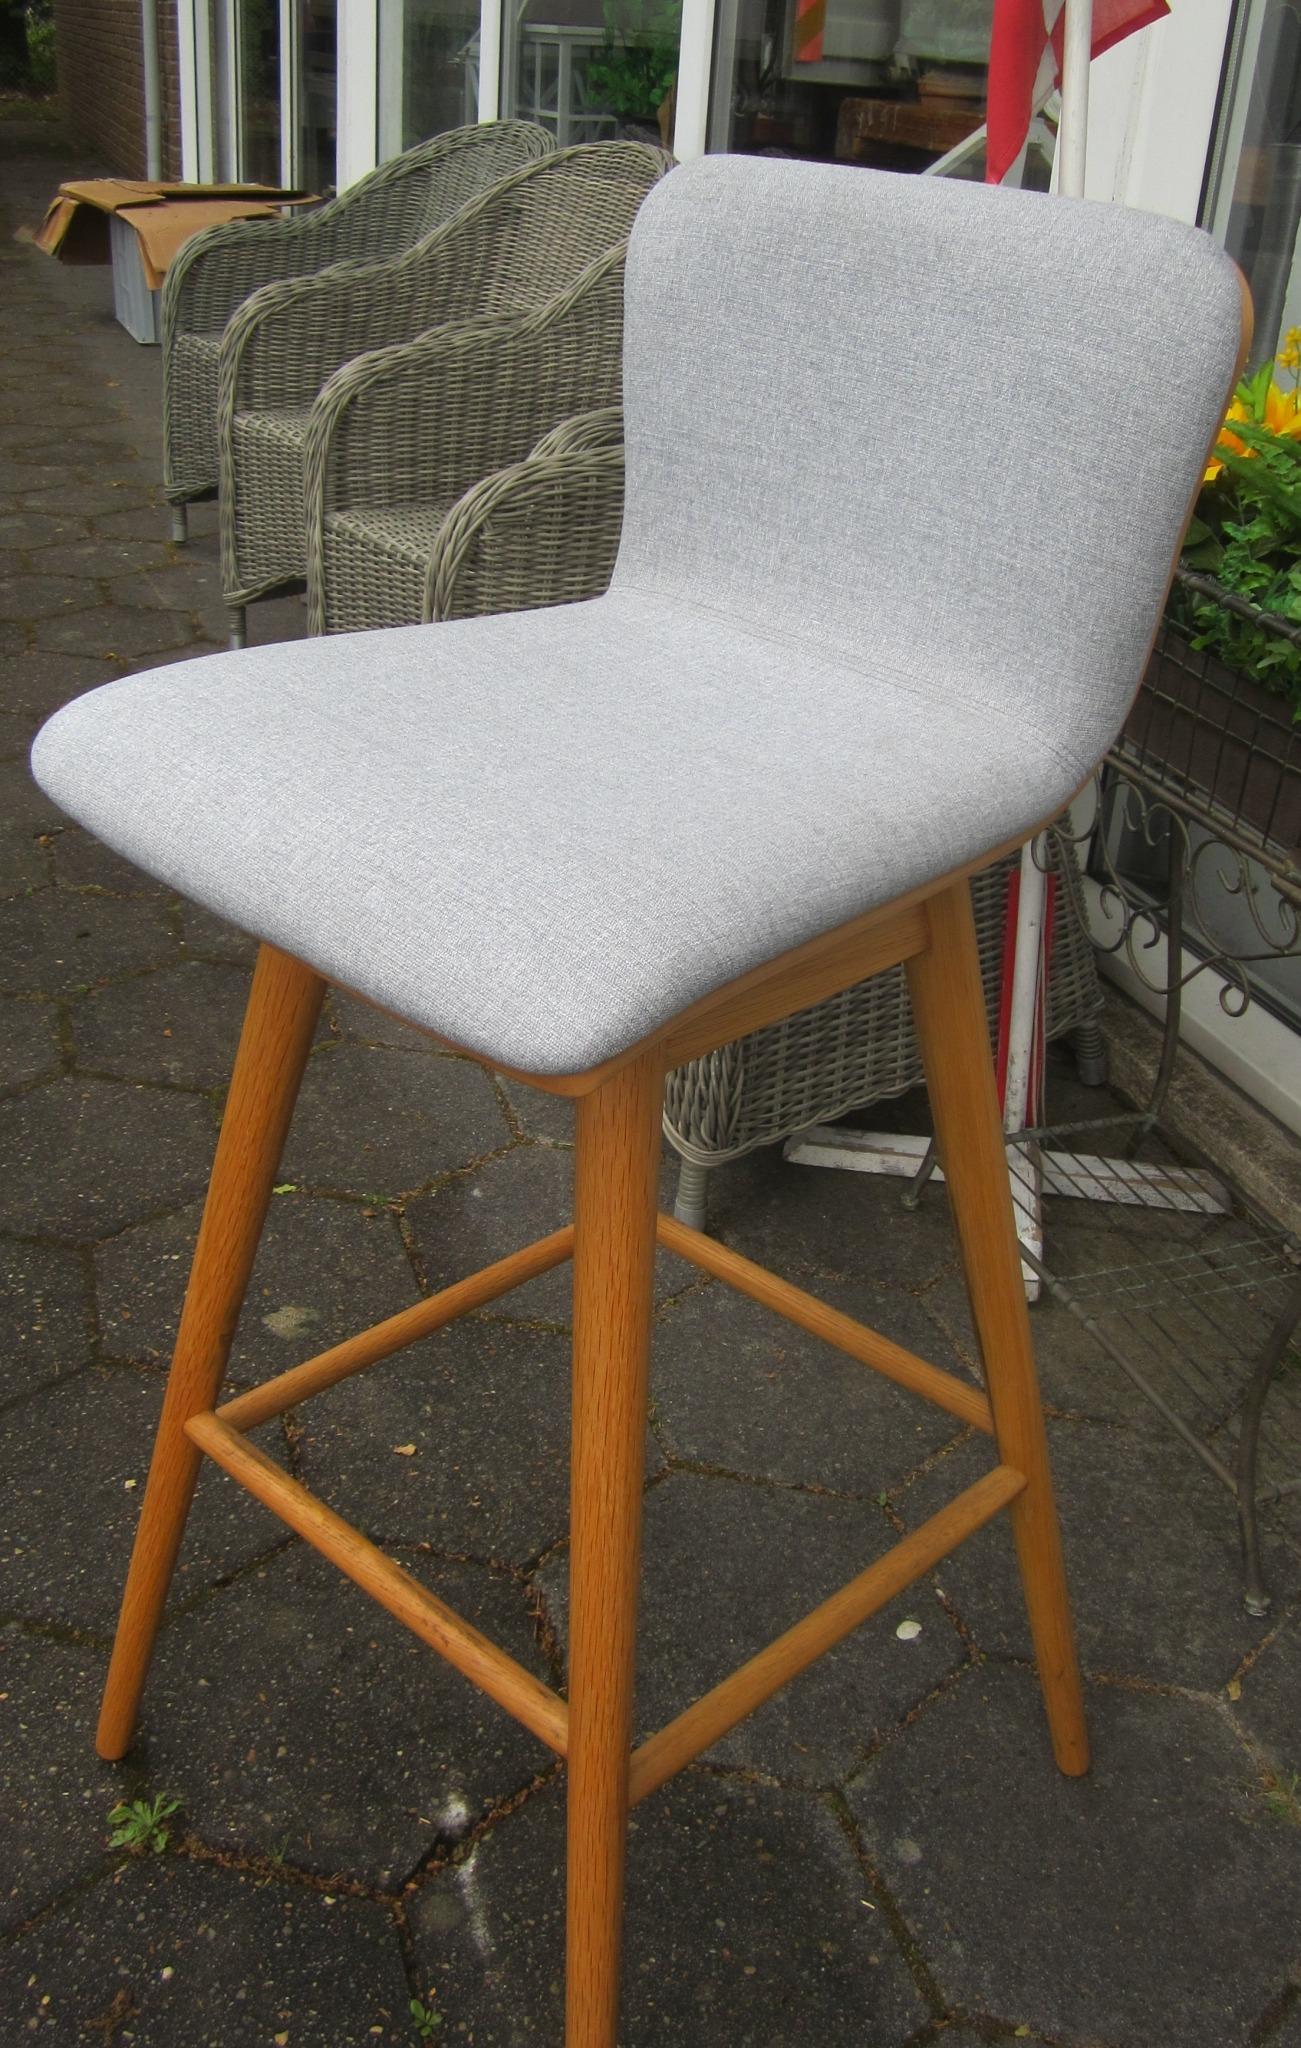 Barstol med dreje sæde